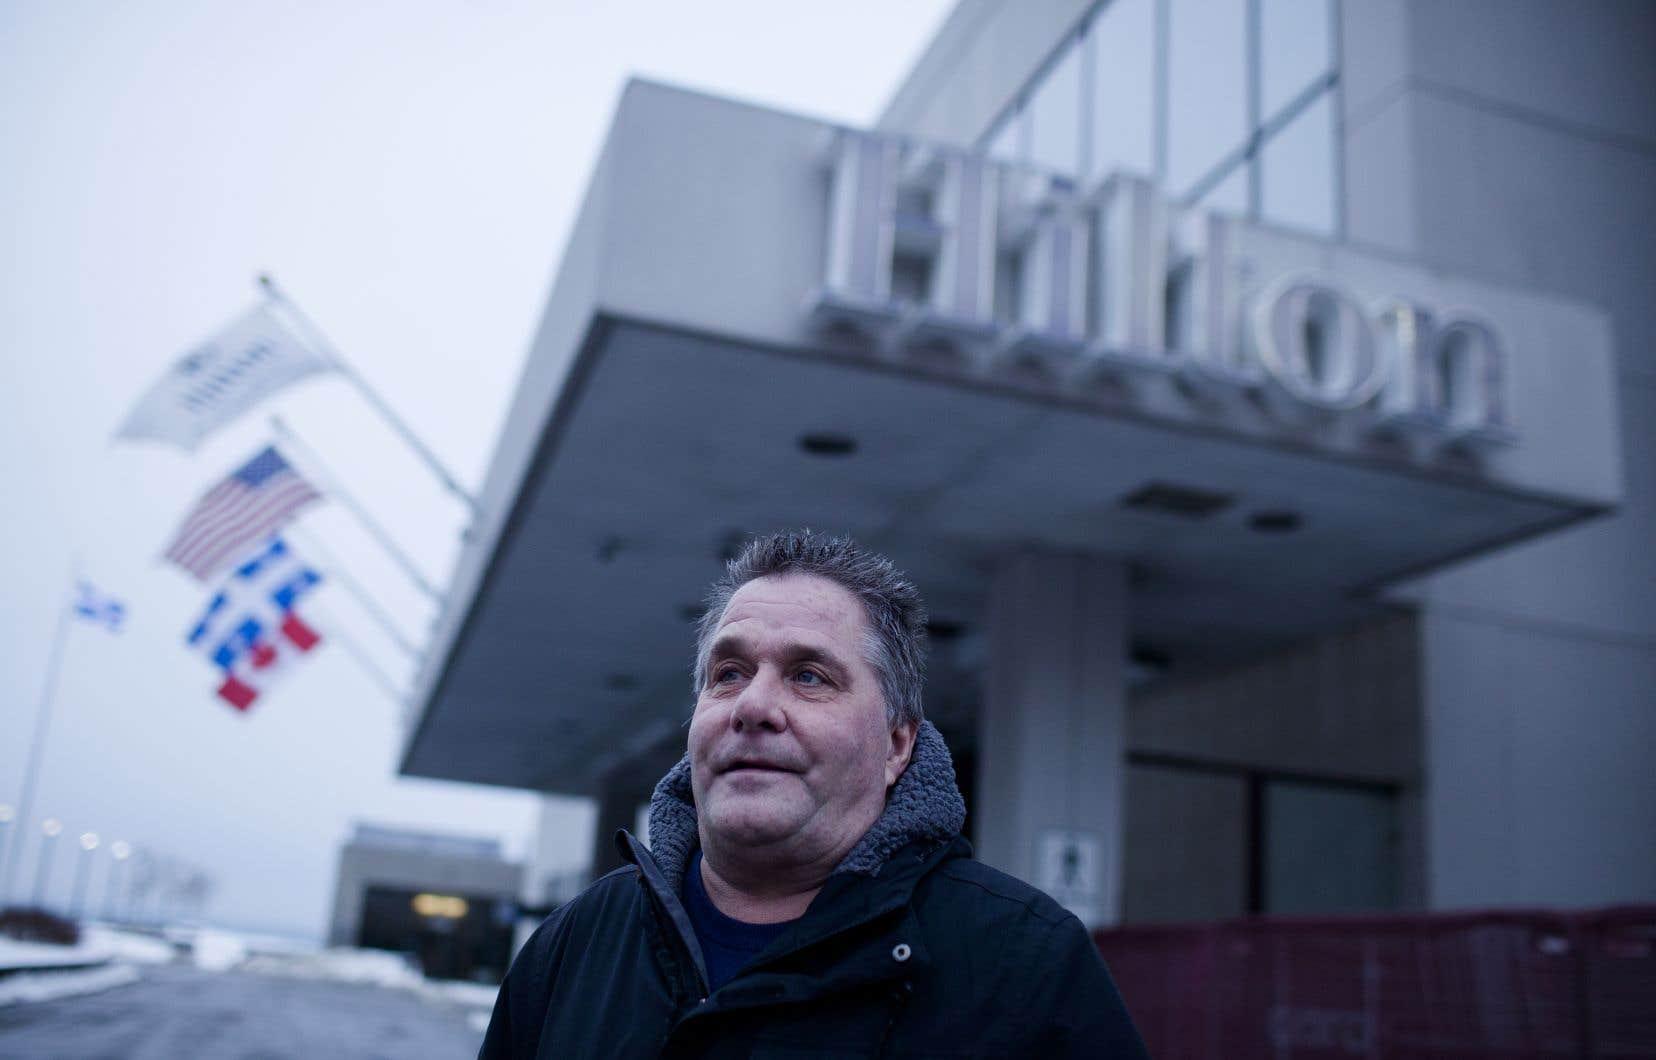 Jean Lagacé, 60 ans, travaille au Hilton depuis qu'il a 19 ans. Le travailleur est déçu de la fermeture temporaire de l'établissement, mais il reconnaît que les travaux majeurs étaient inévitables.